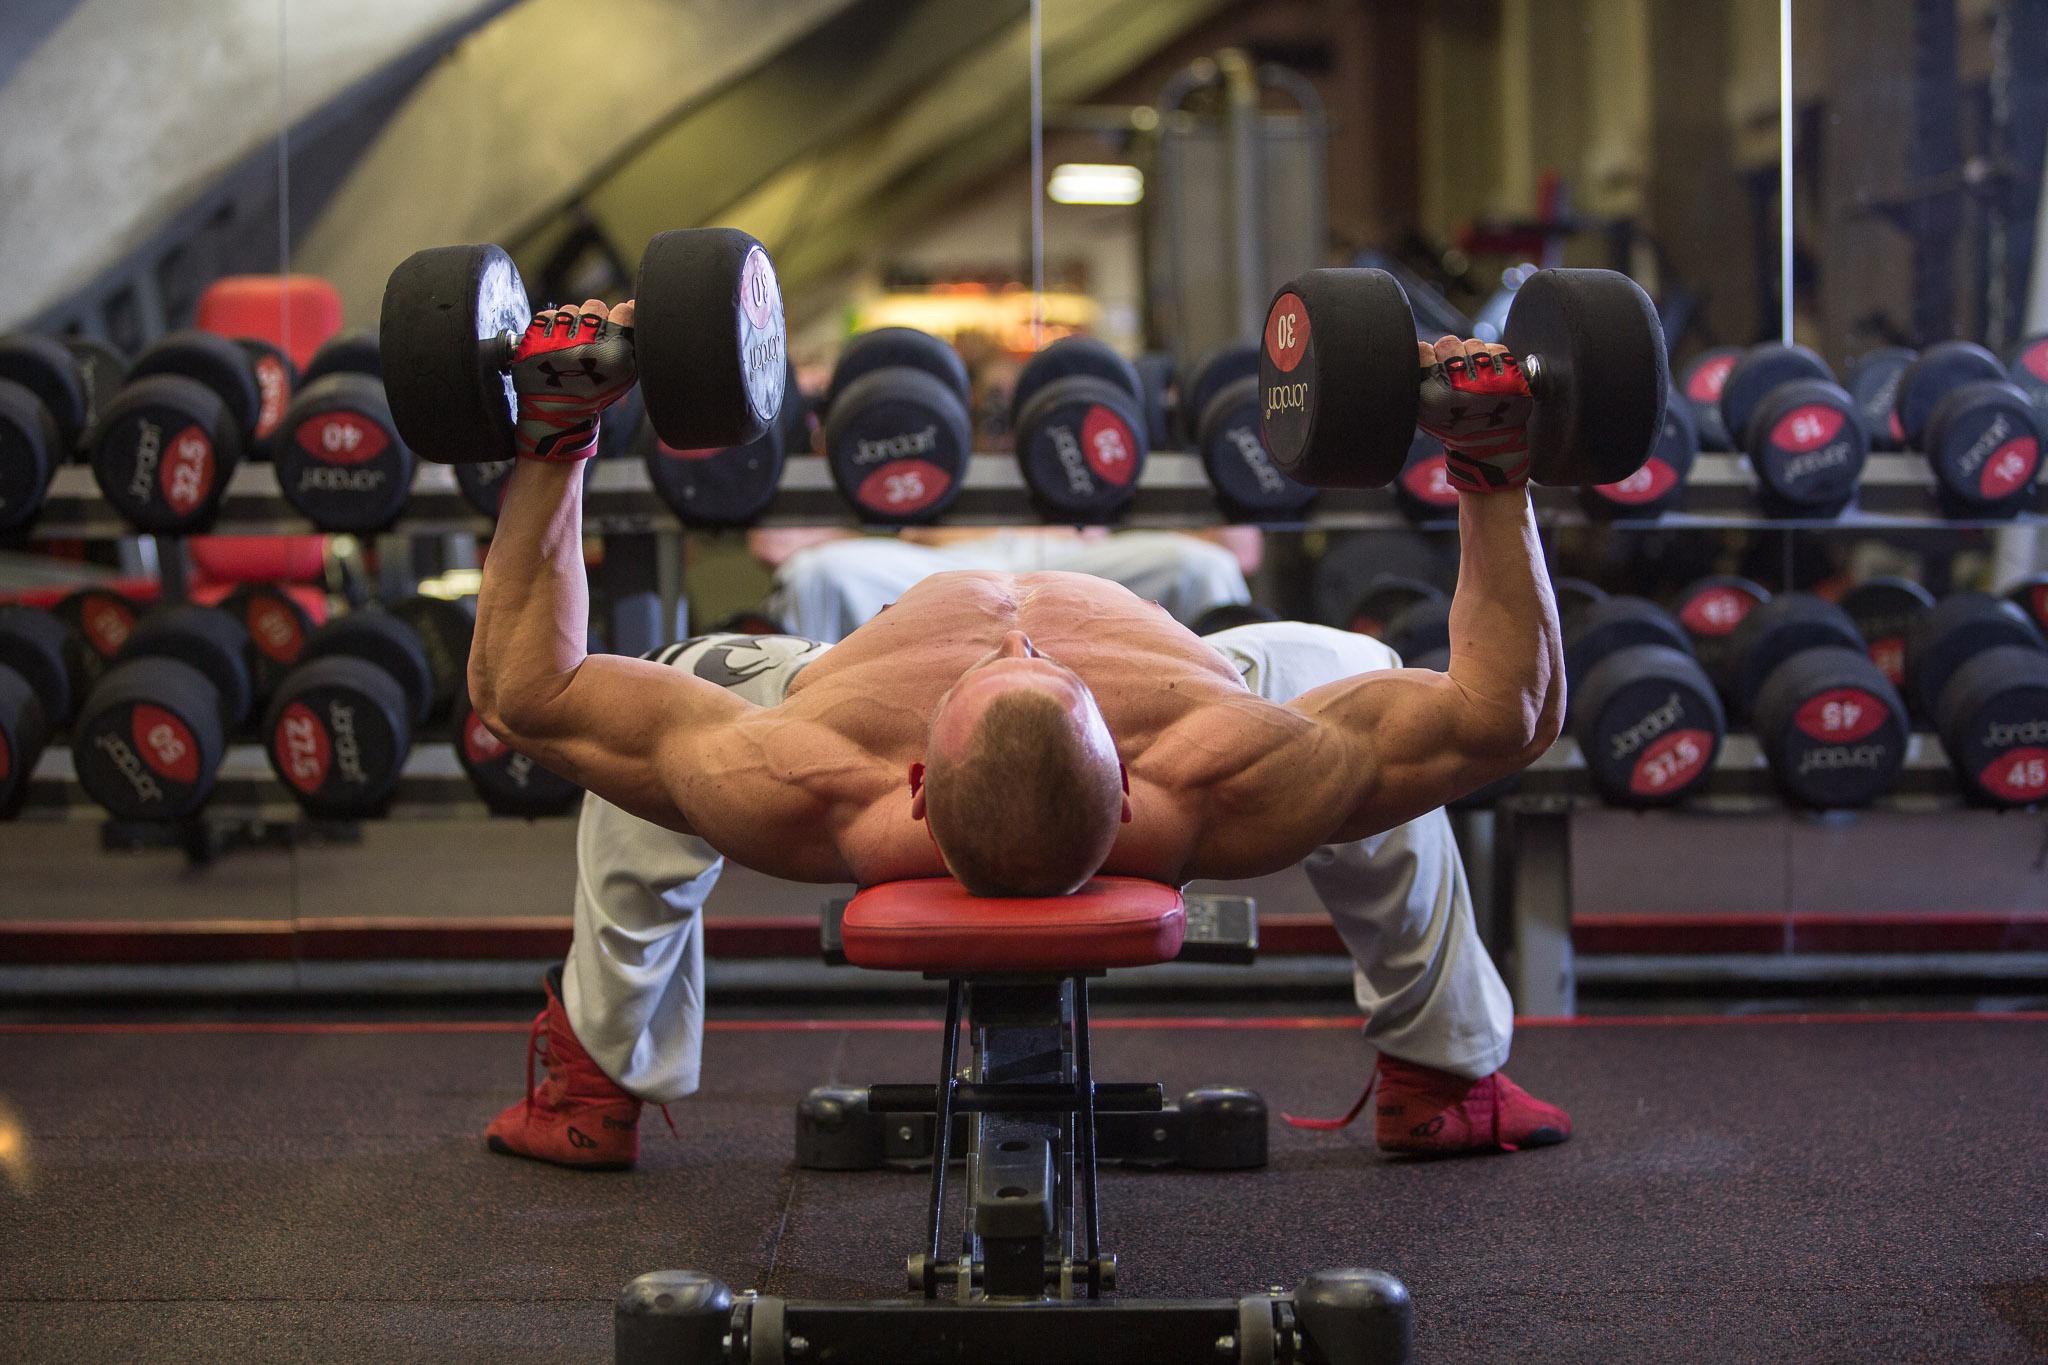 osobní trenér | Hammer strength fitness | photo: kubajsz.com